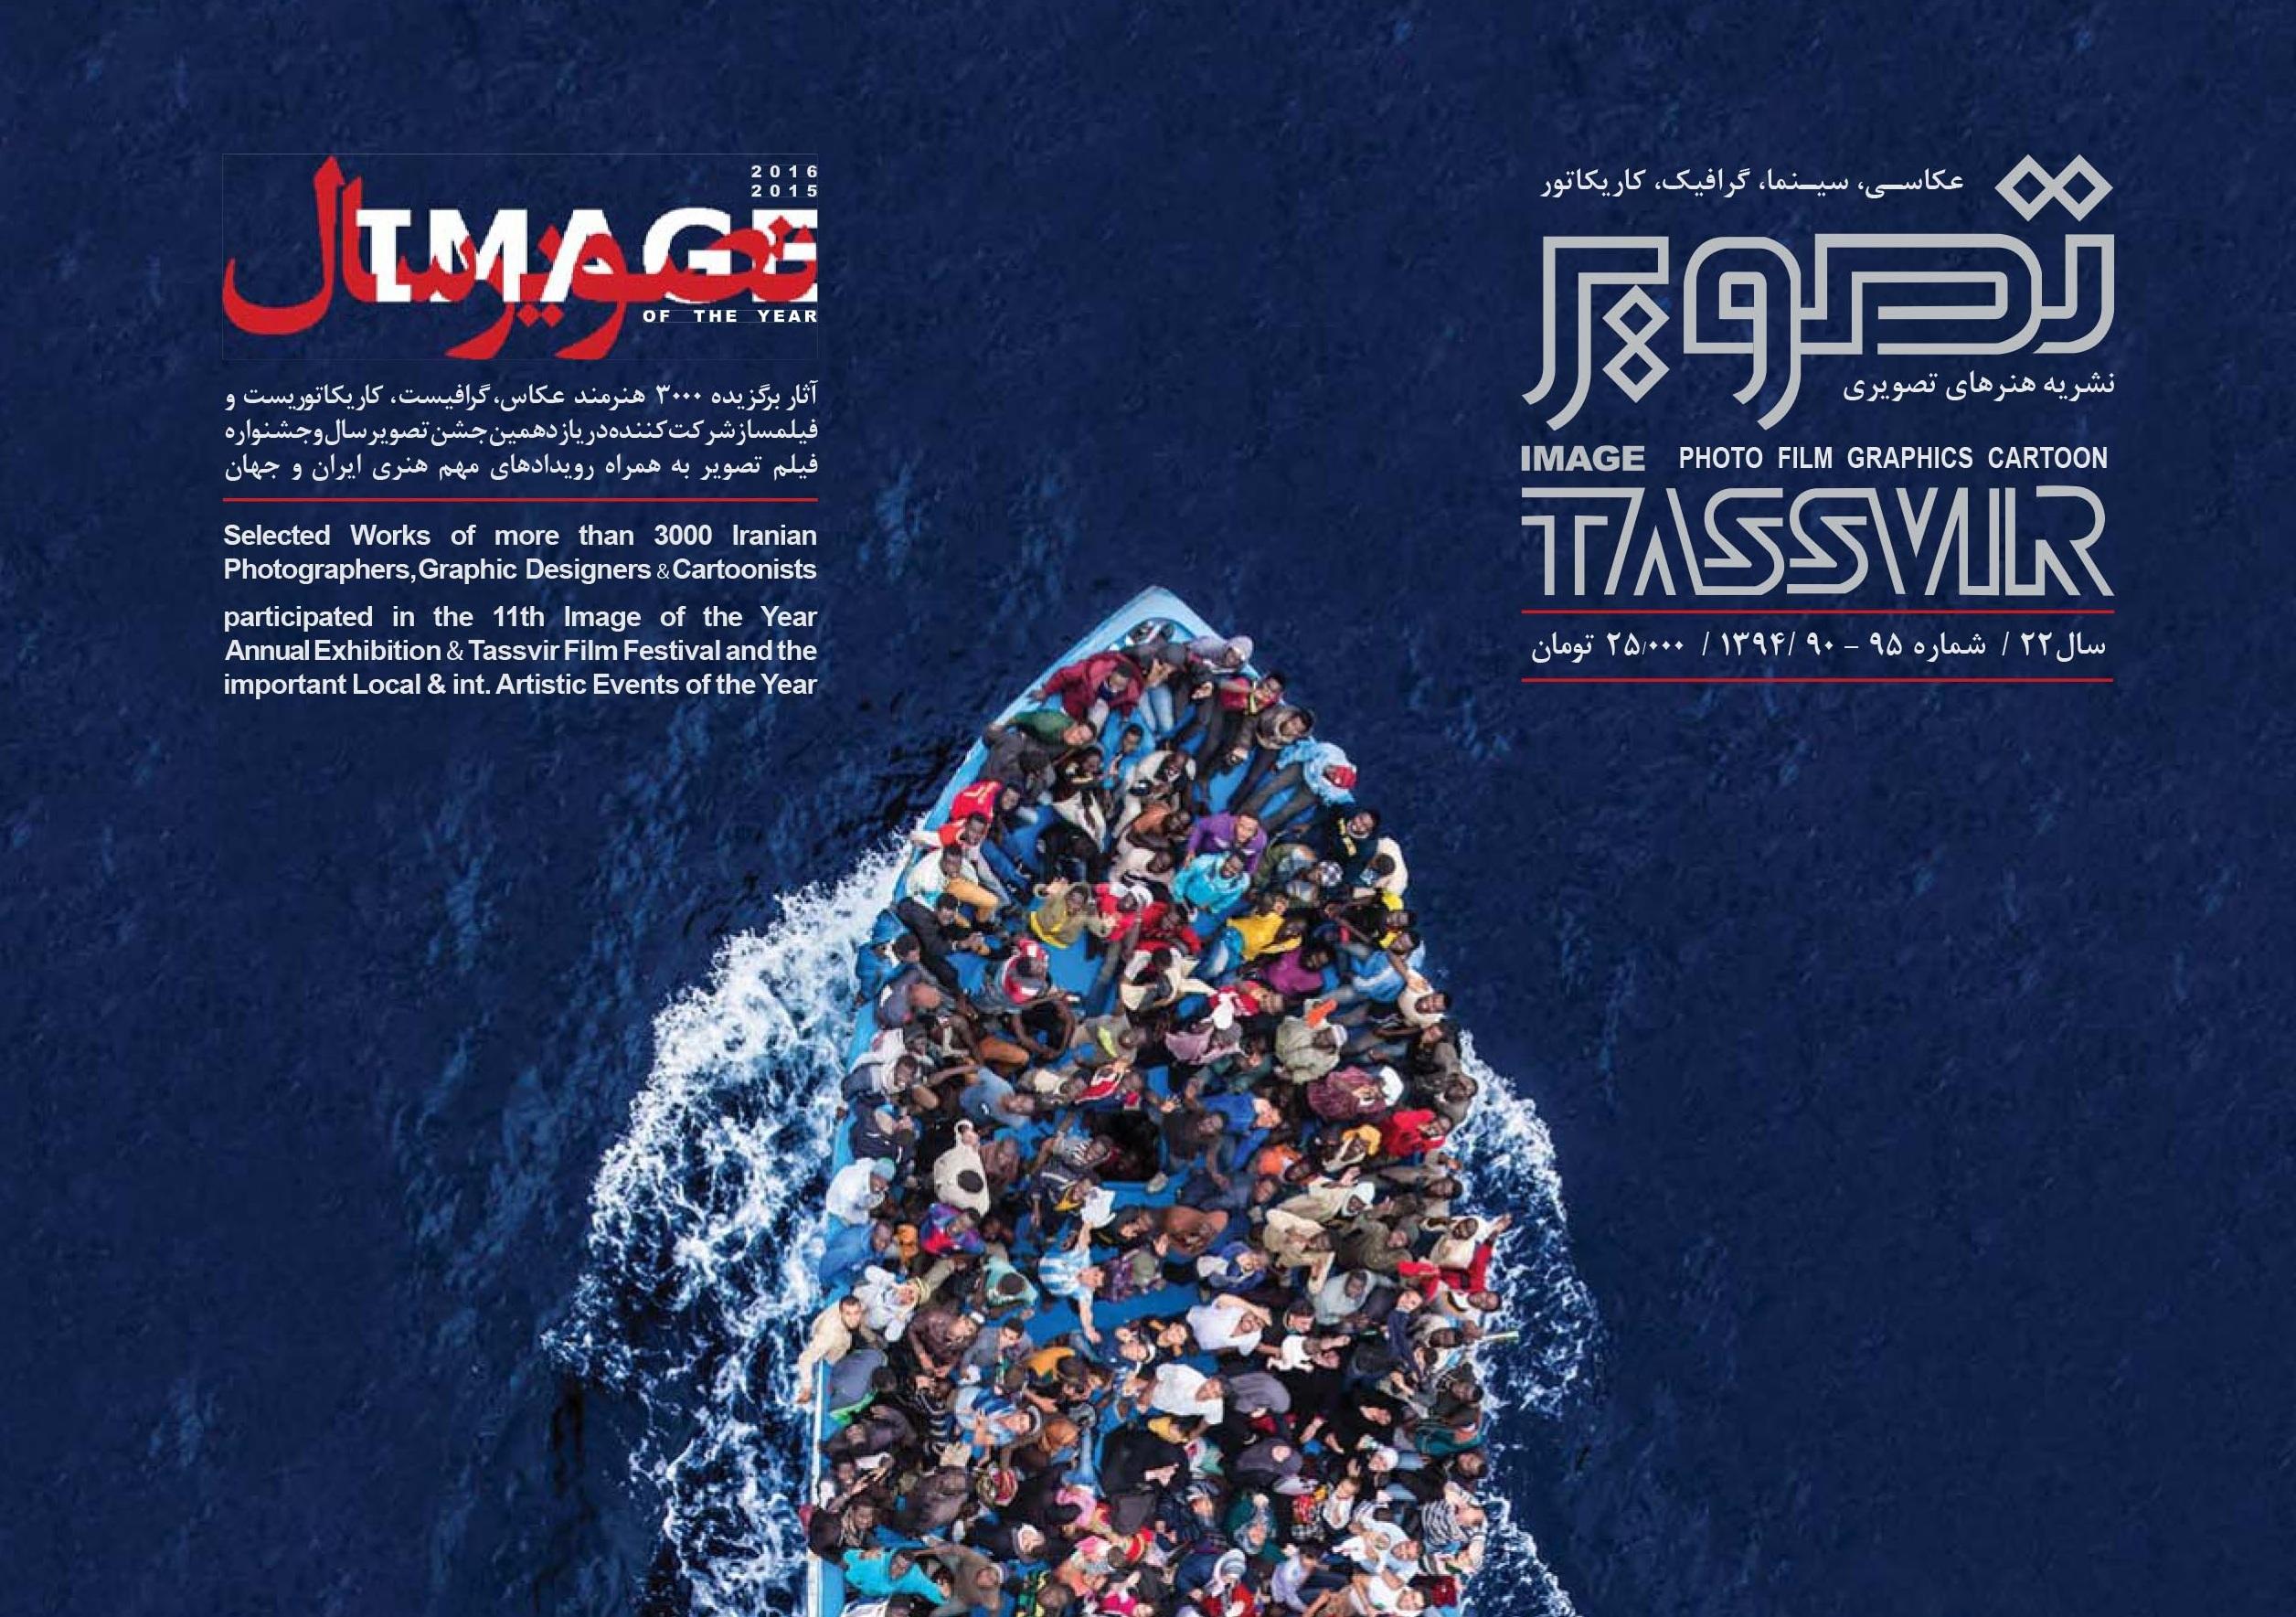 فراخوان جشن تصویرسال و جشنواره فیلم تصویر